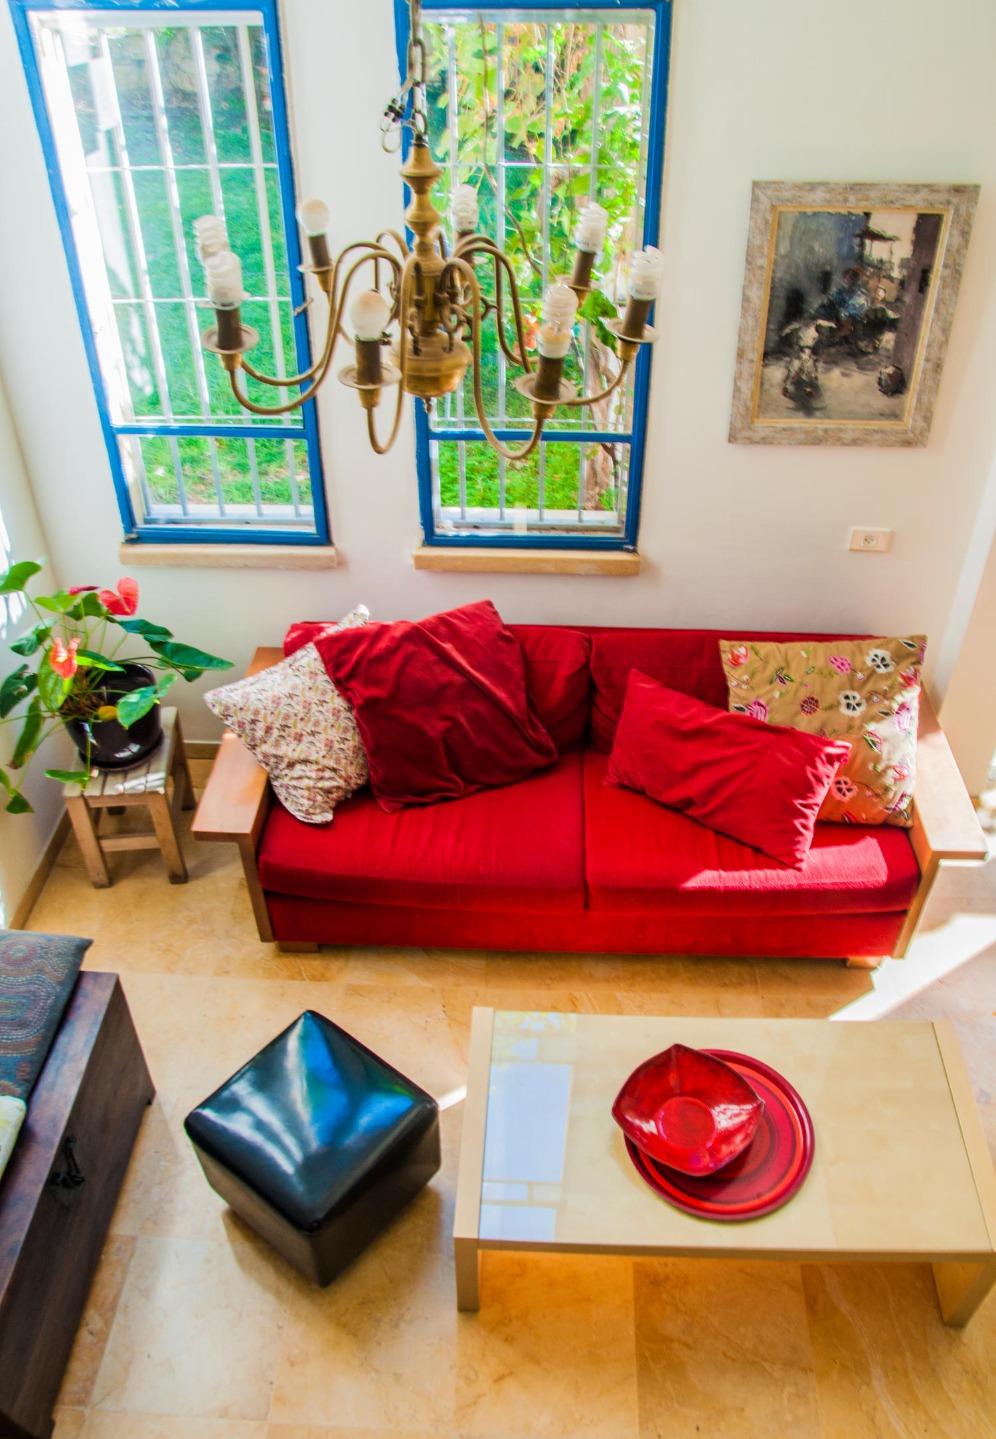 ספה אדומה בלי להתבייש